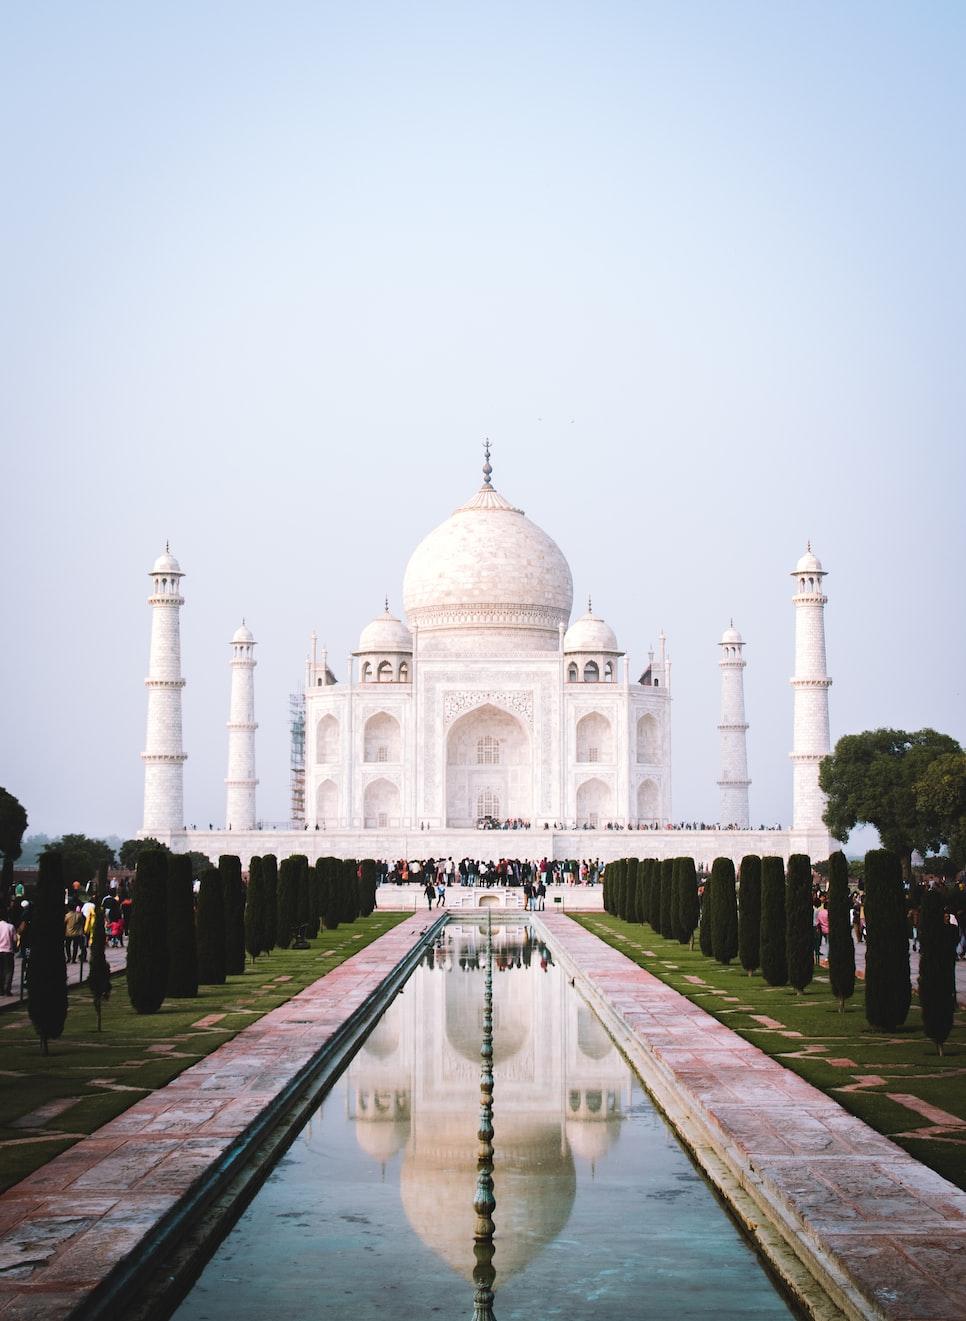 siti unesco nel mondo, taj mahal, india, patrimonio dell'umanità